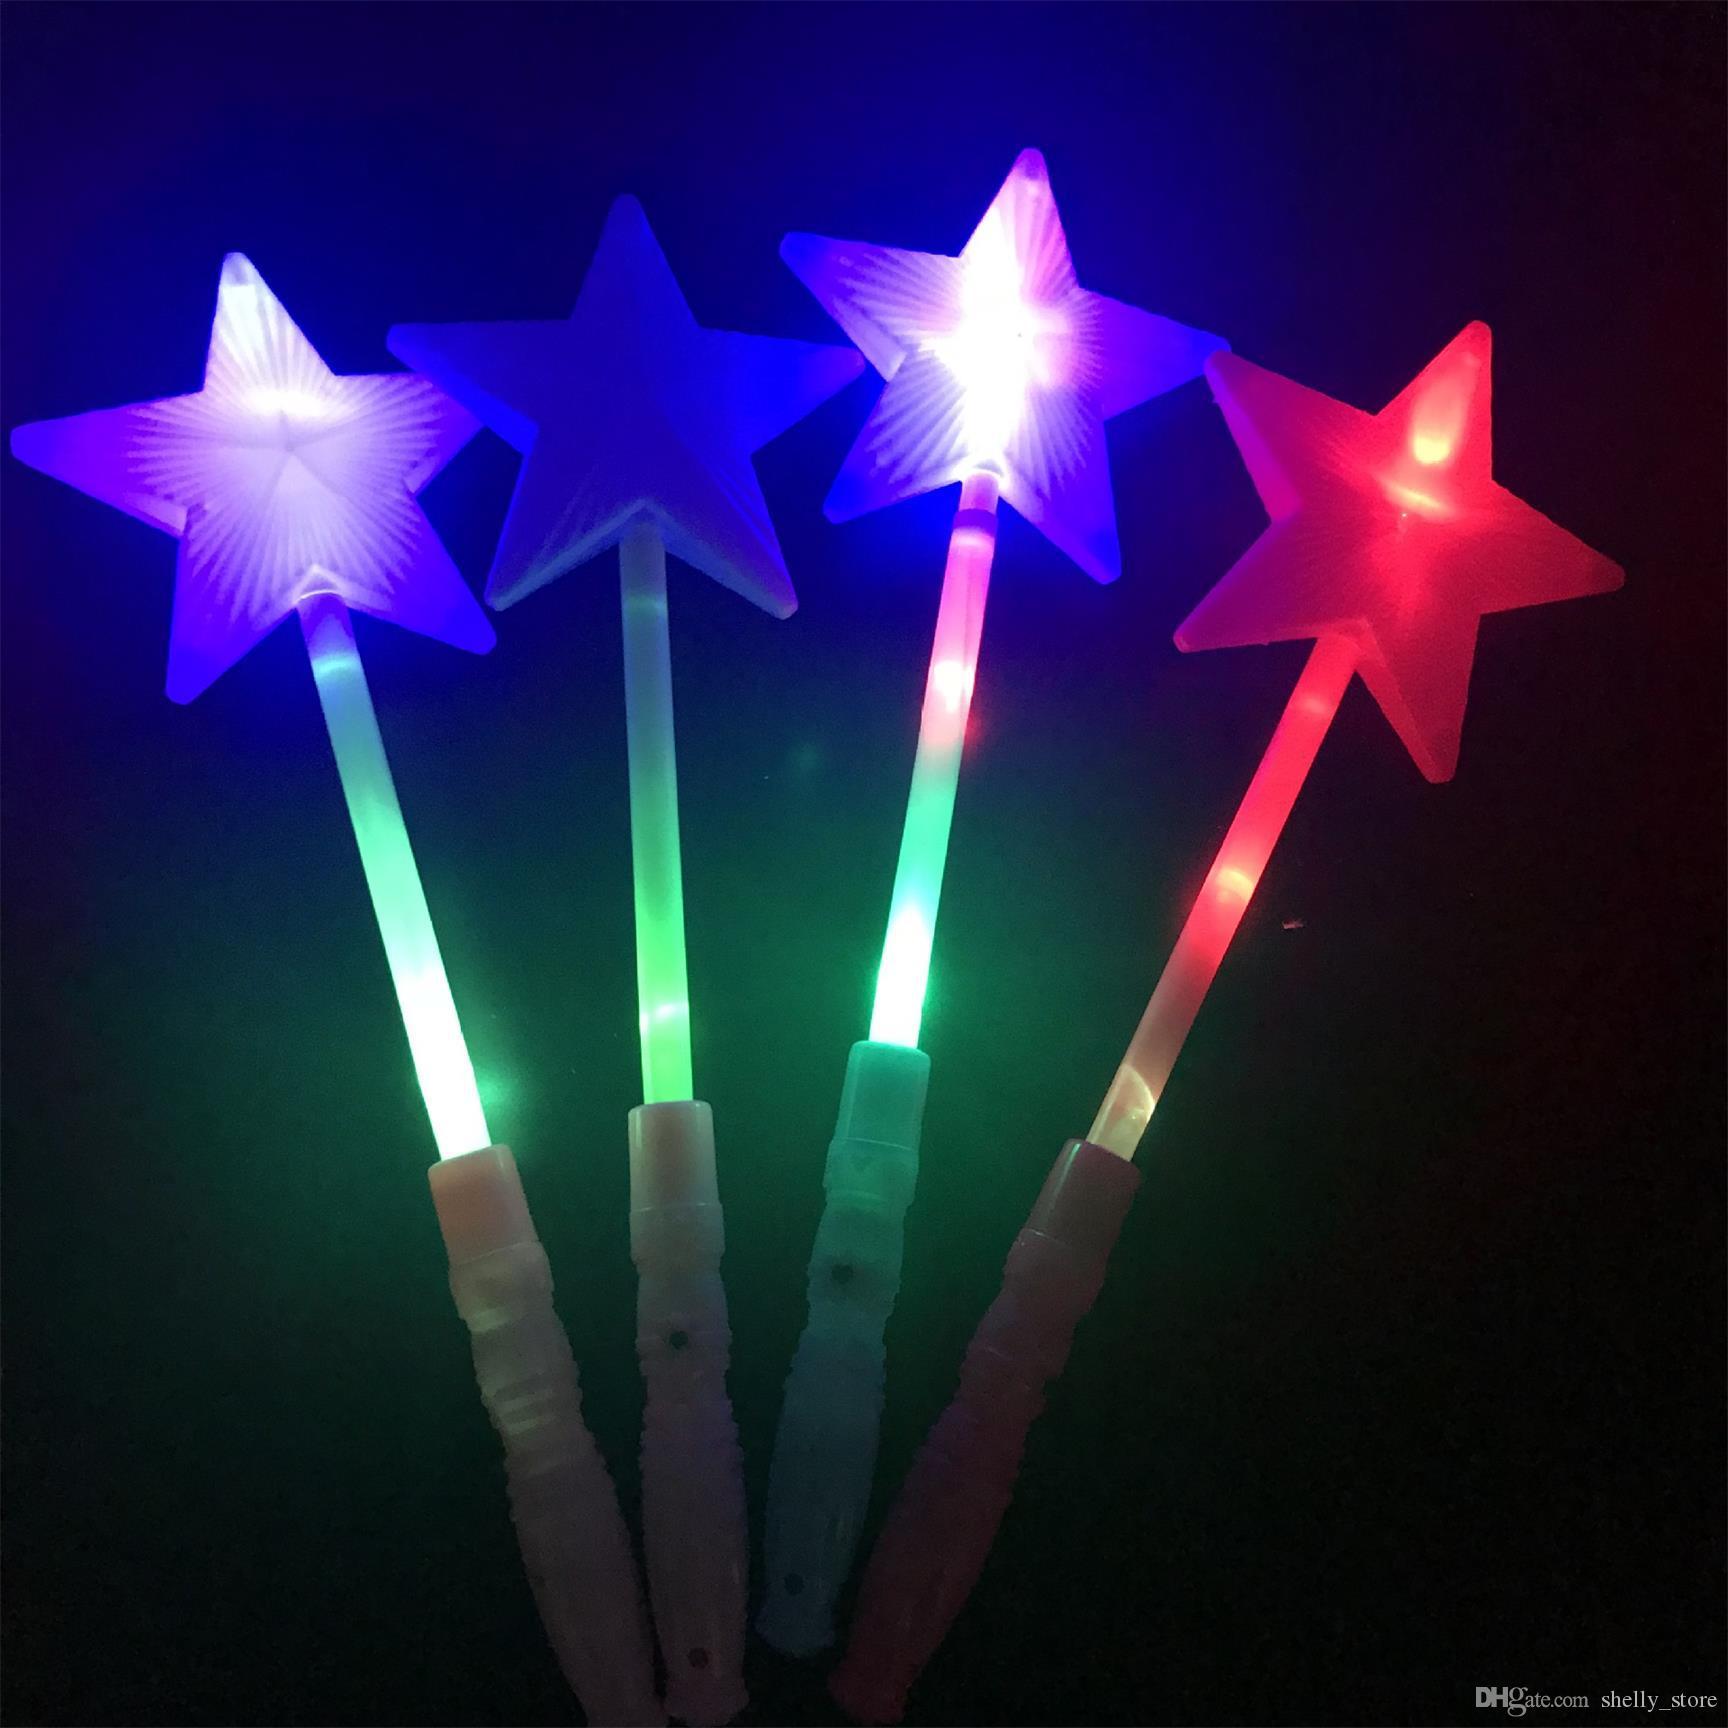 Светодиодные светящиеся палочки, пятиконечная звезда, светящиеся в темноте игрушки для концертных выступлений